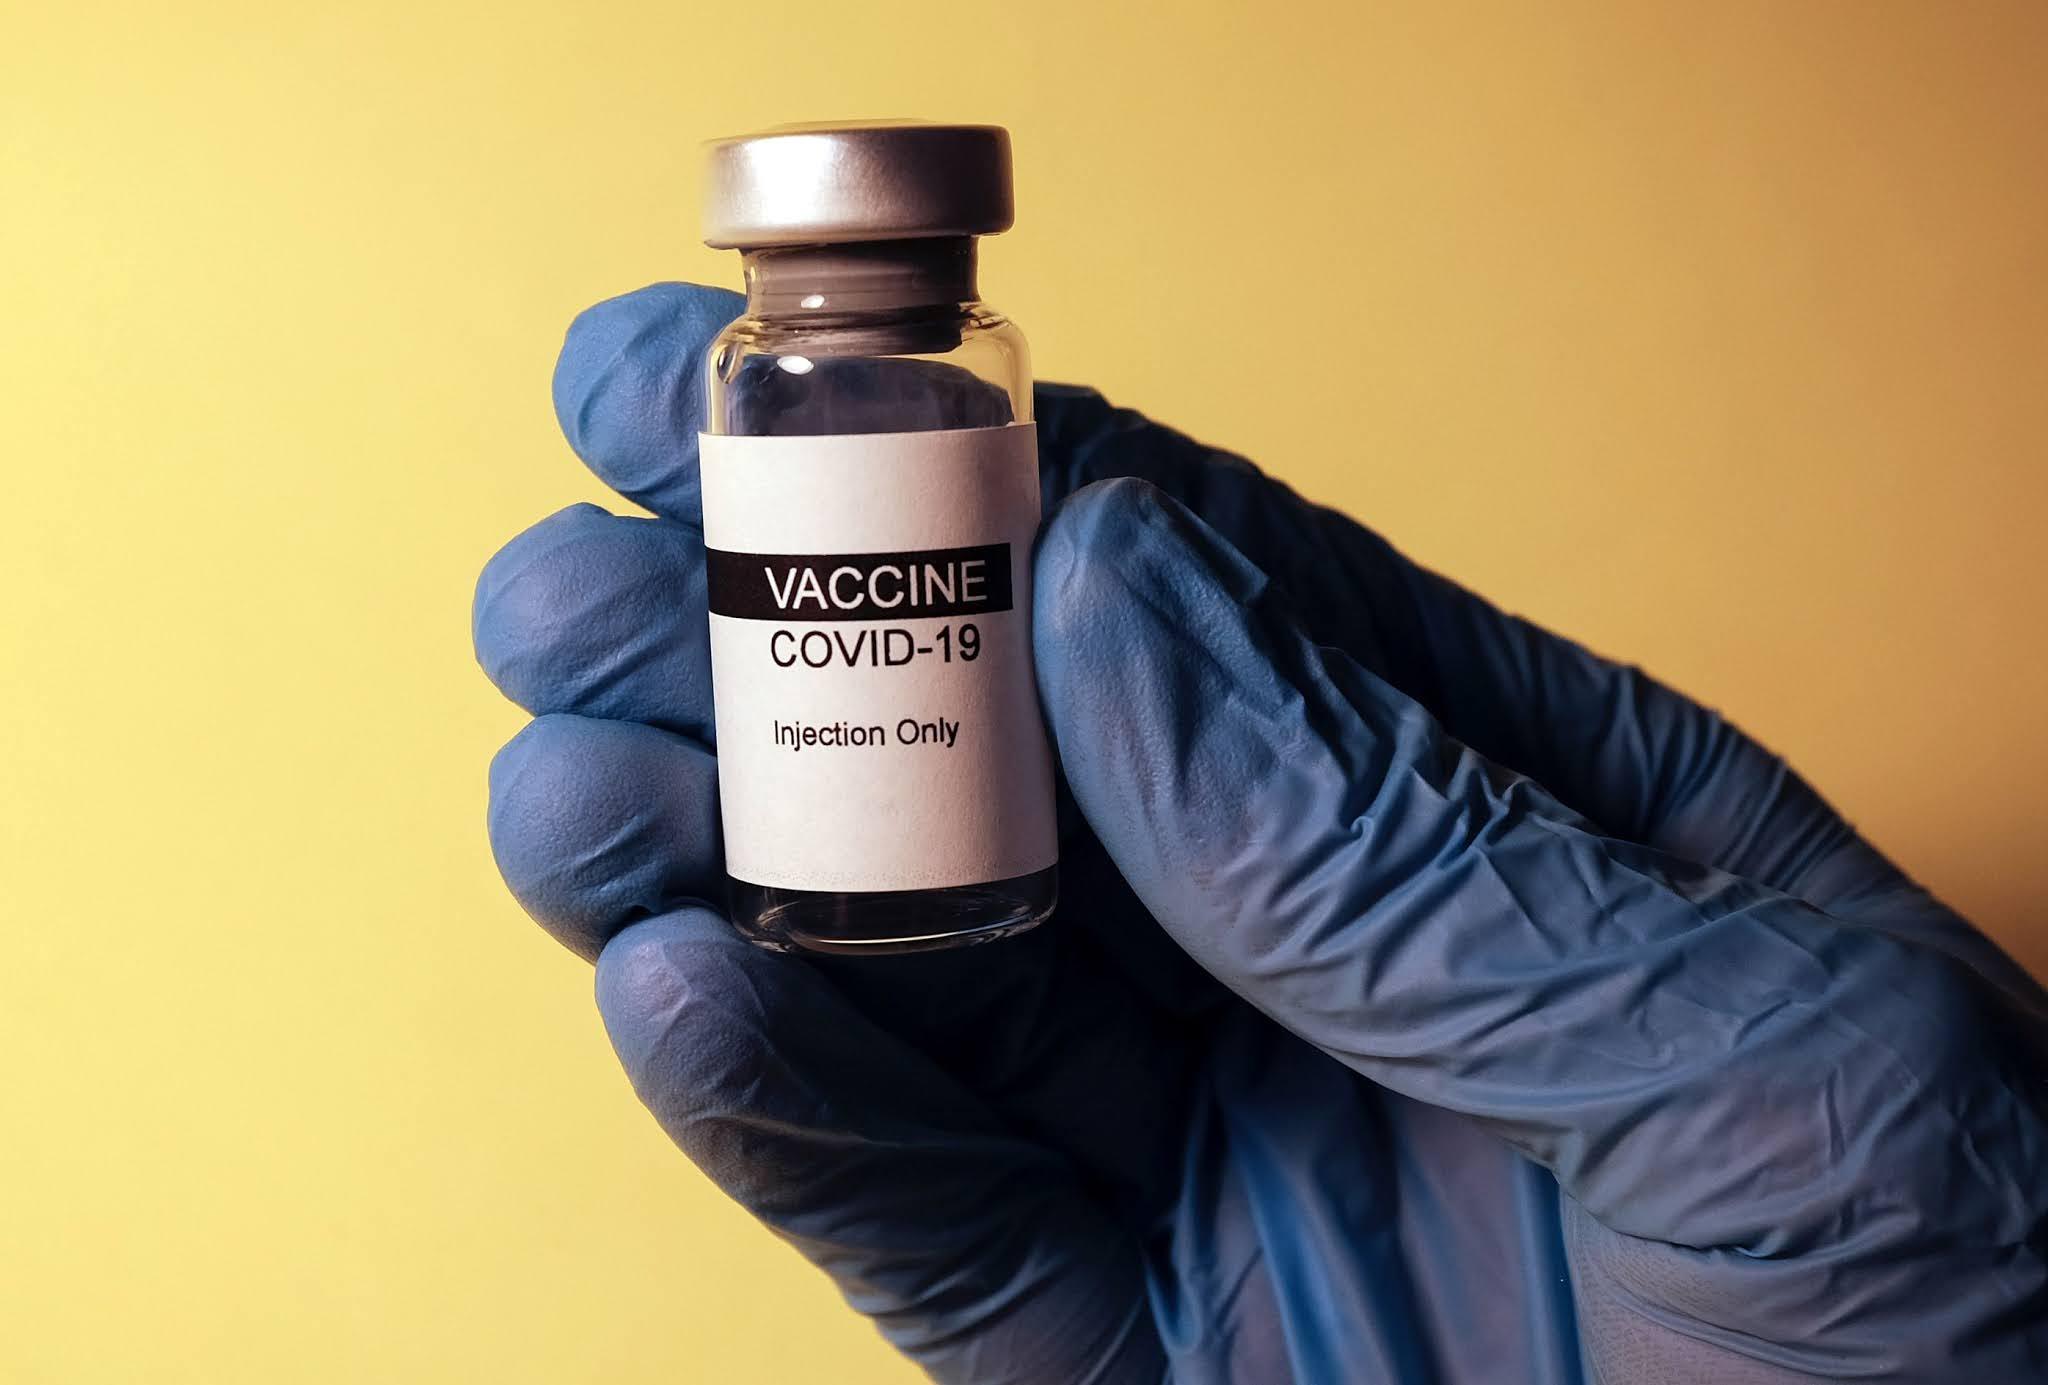 Πάνω από 1.000 εμβόλια στην Ξάνθη – Συνεχίζονται οι εμβολιασμοί